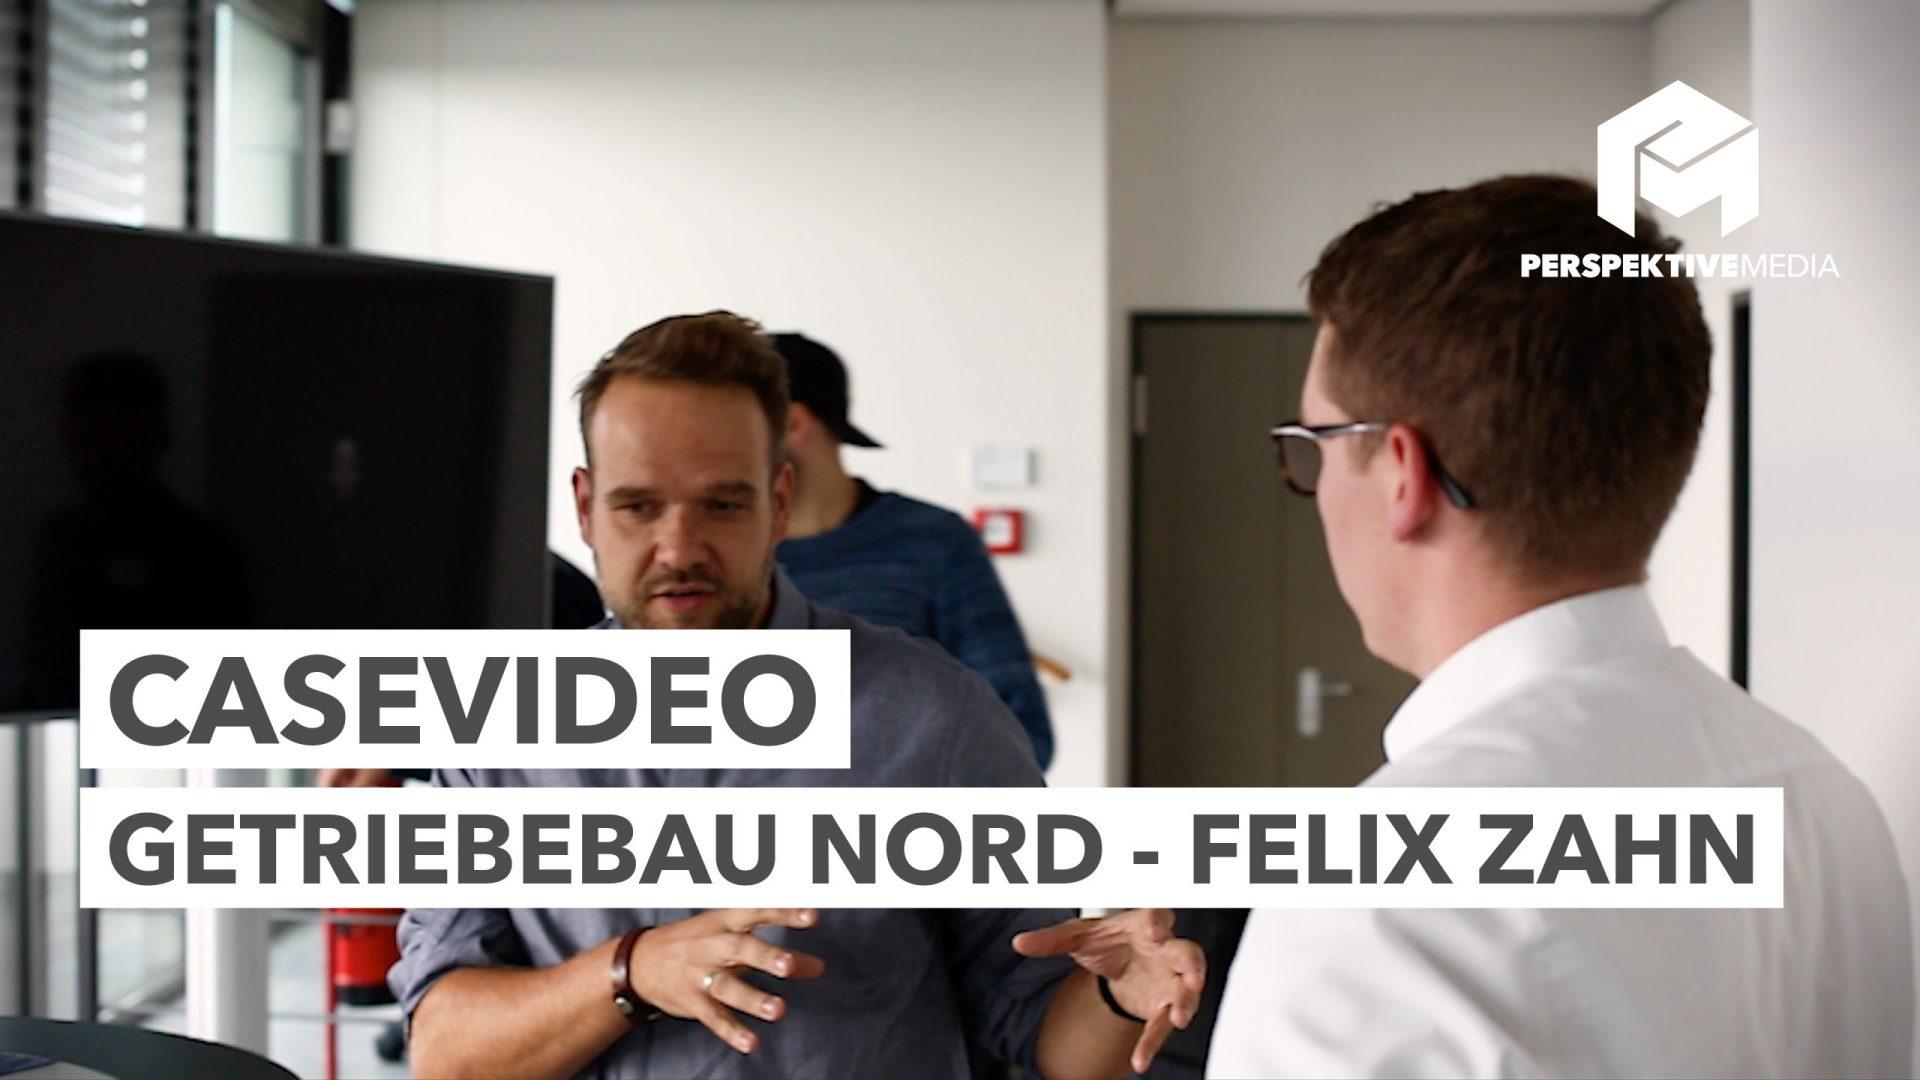 Casevideo_Getriebebau_Felix Zahn